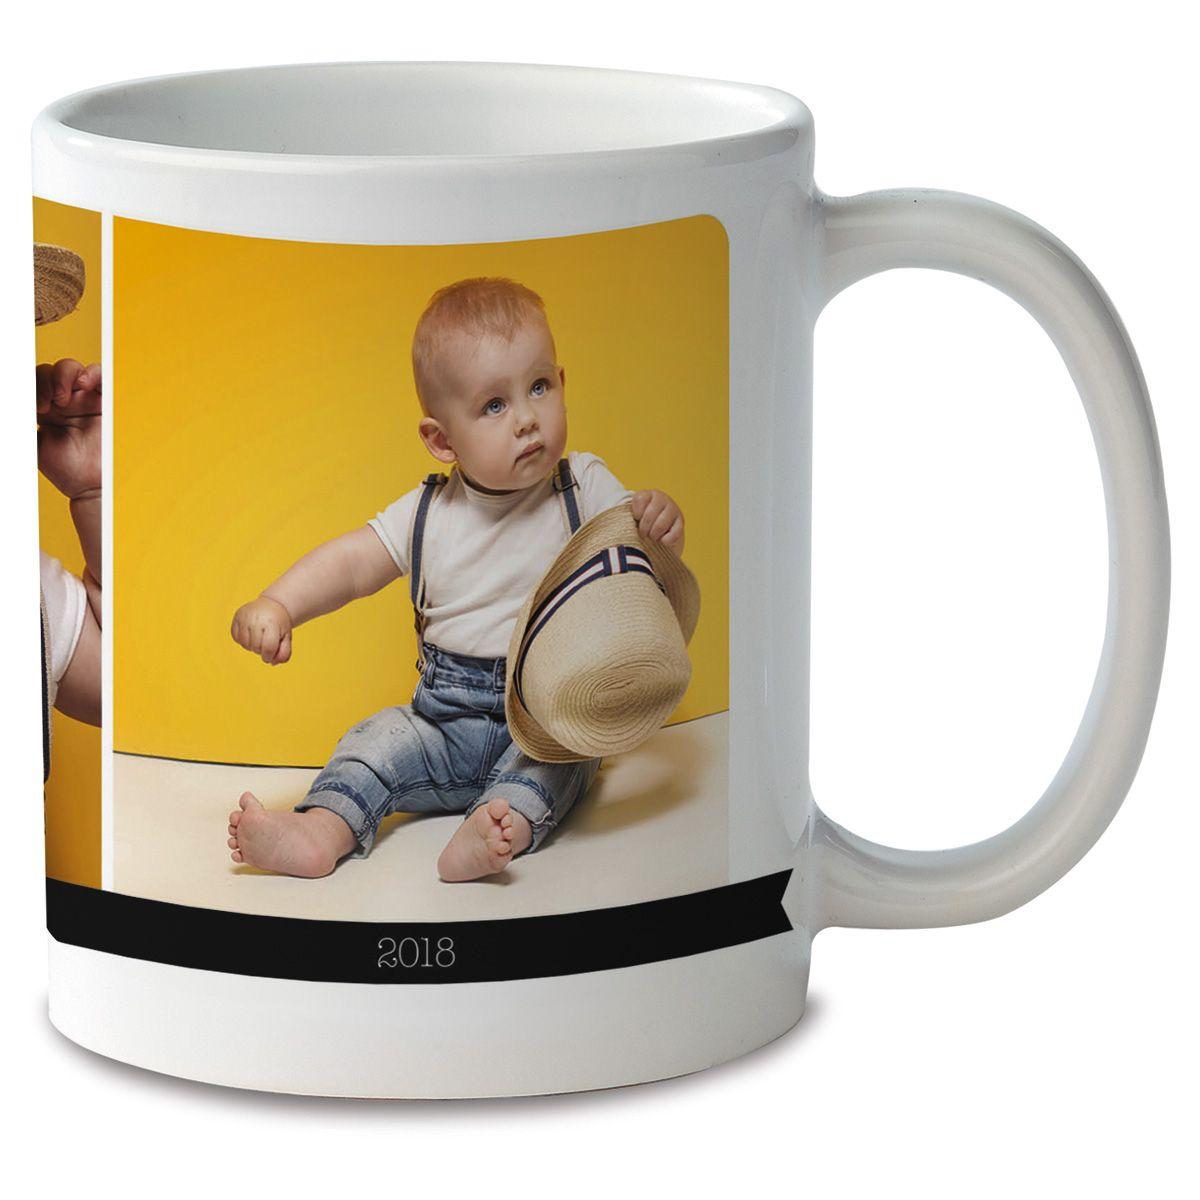 I Love Personalized Photo Mug